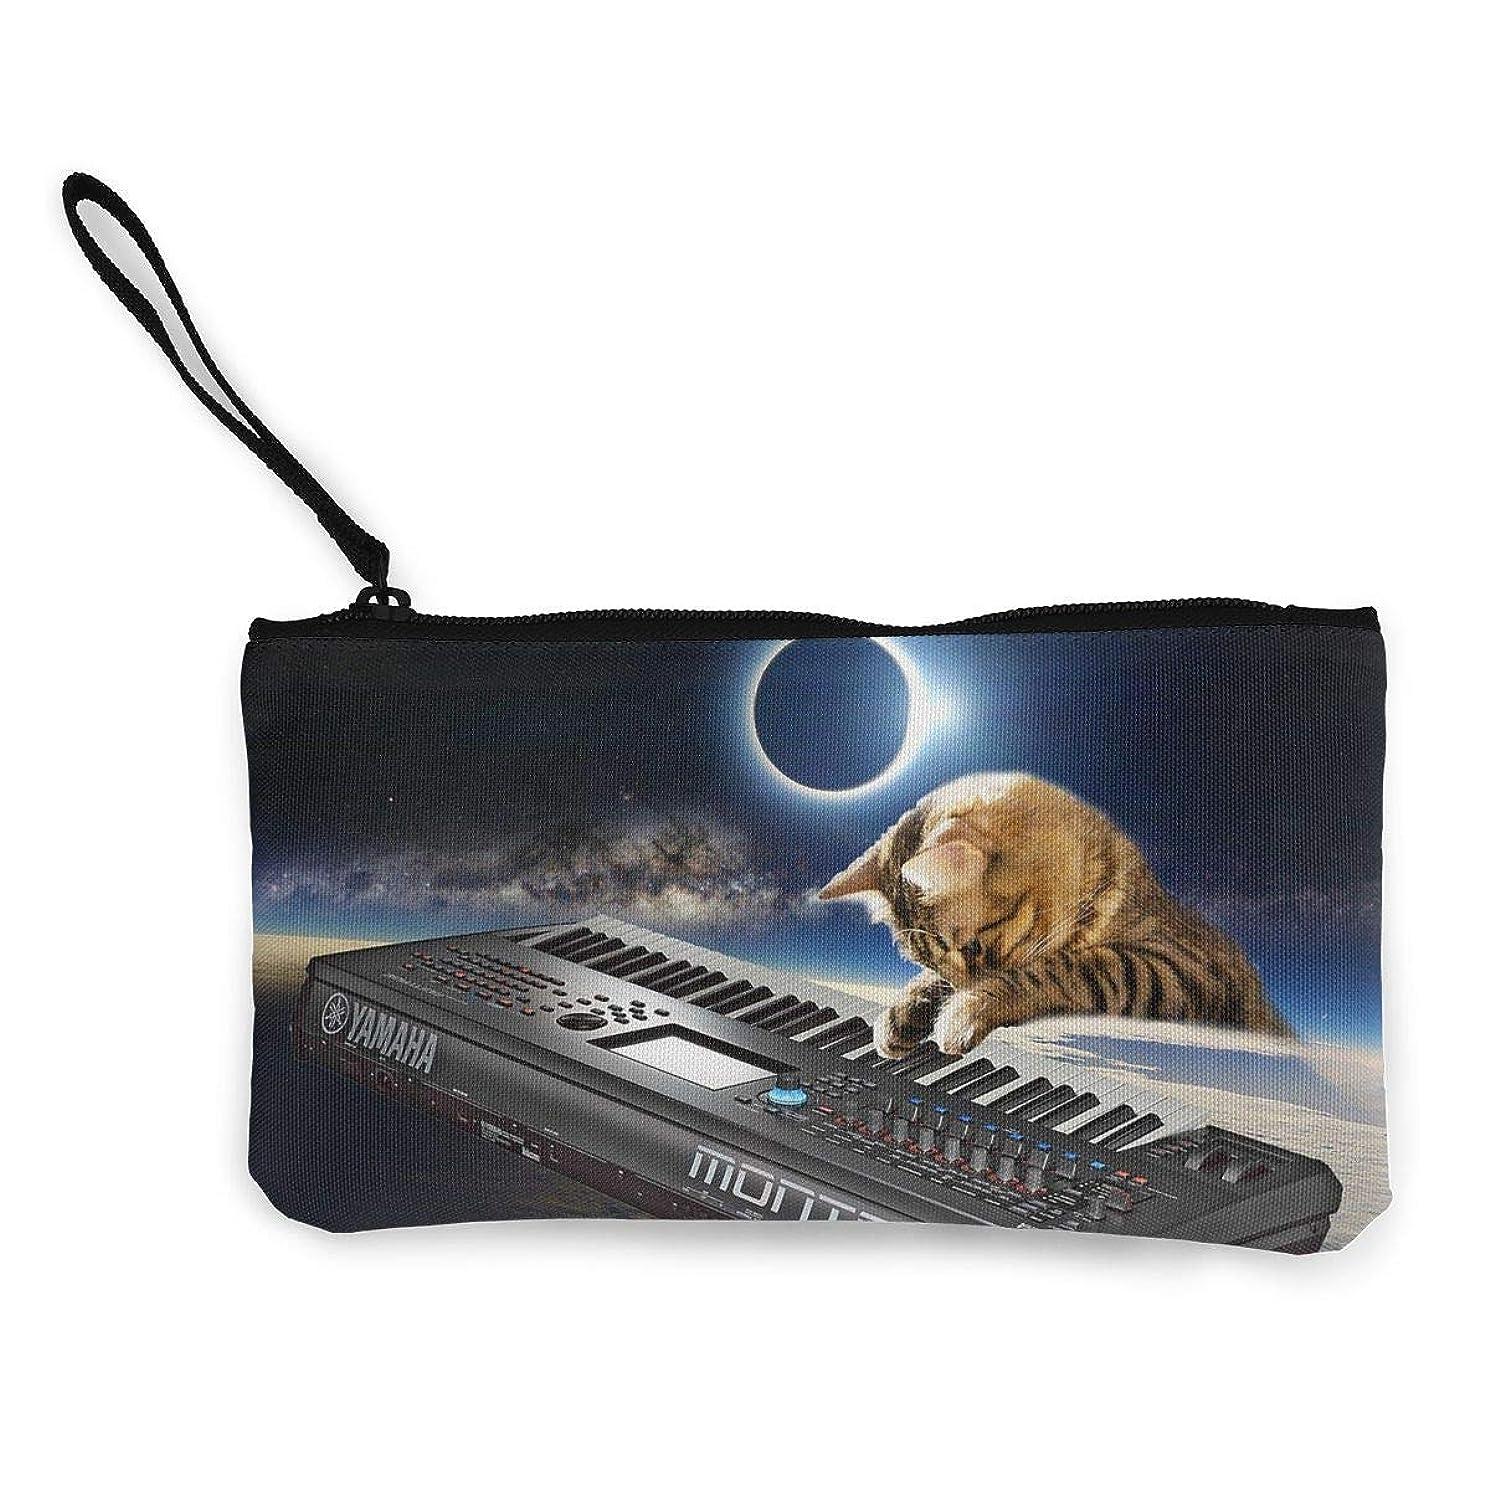 過ち何でもスキムErmiCo レディース 小銭入れ キャンバス財布 3Dプリント DJ猫 宇宙柄 小遣い財布 財布 鍵 小物 充電器 収納 長財布 ファスナー付き 22×12cm